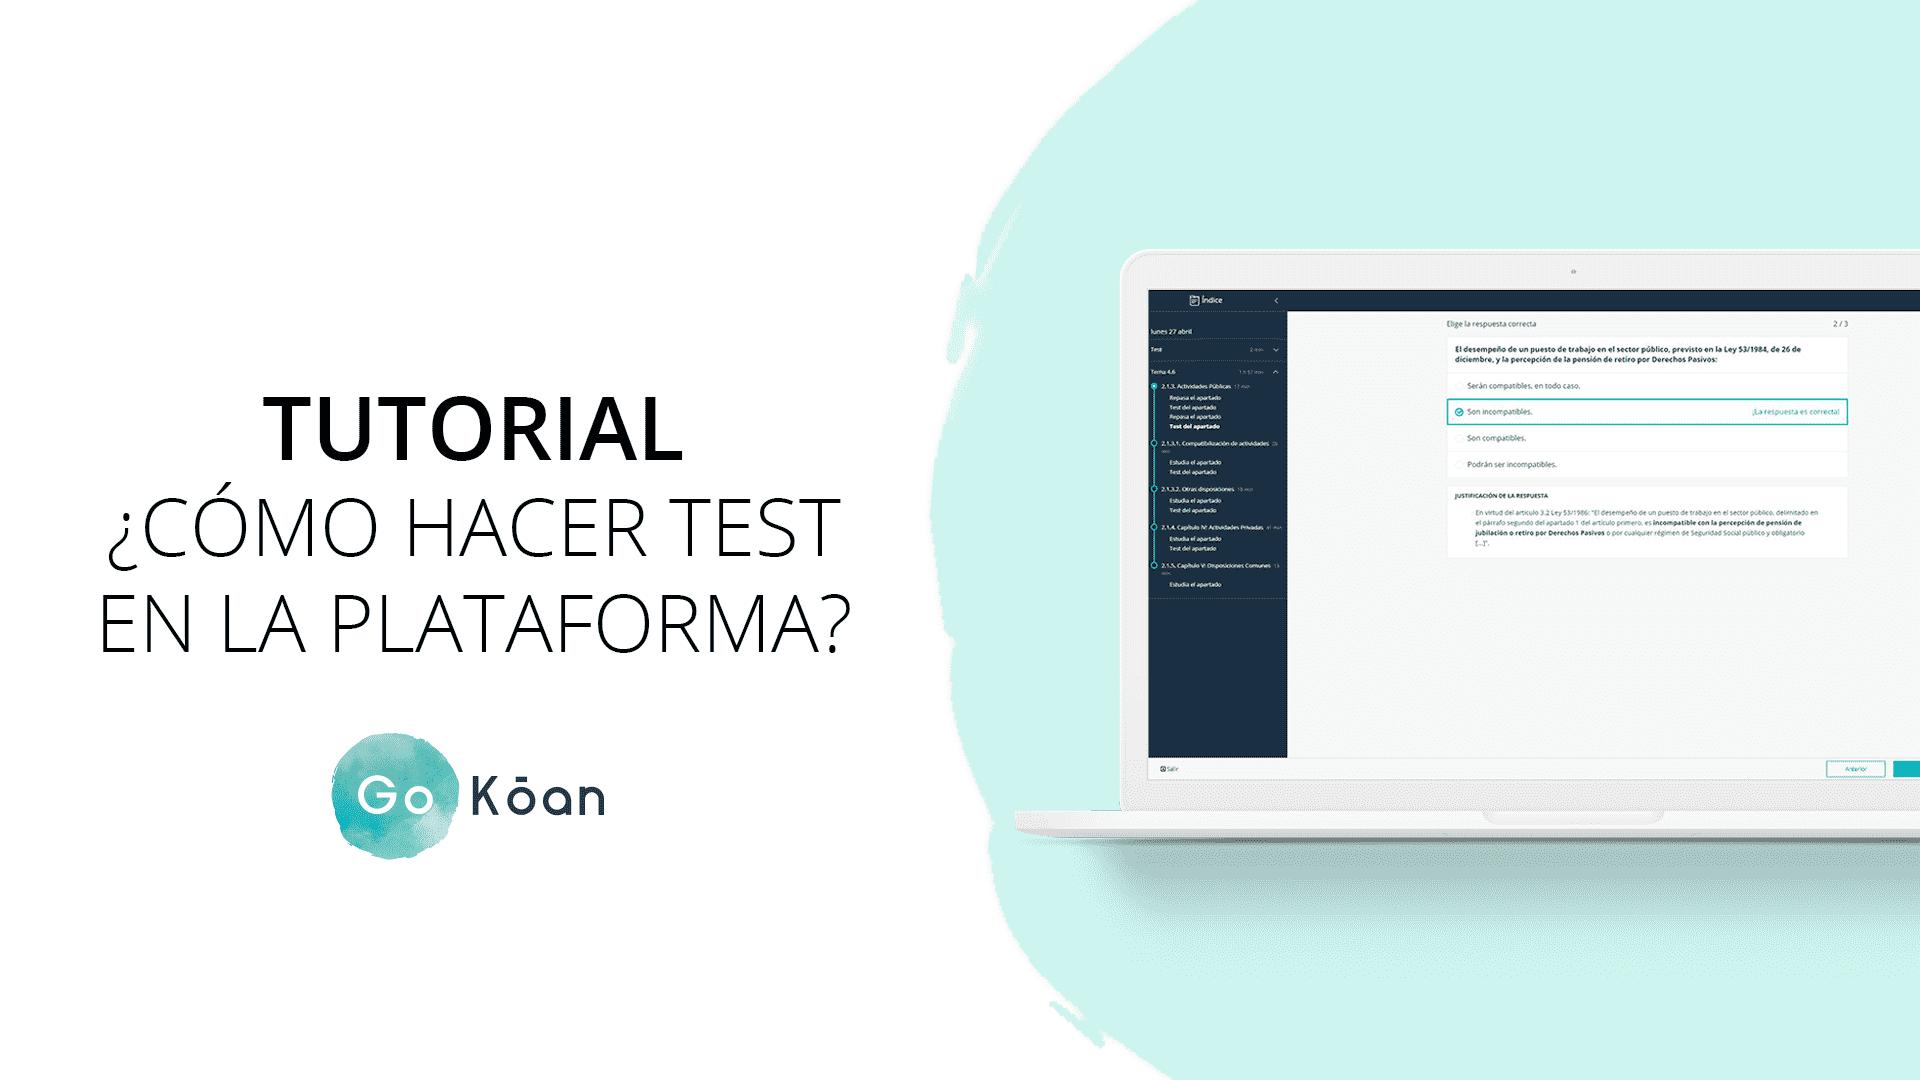 Cómo hacer test a través de la plataforma de GoKoan